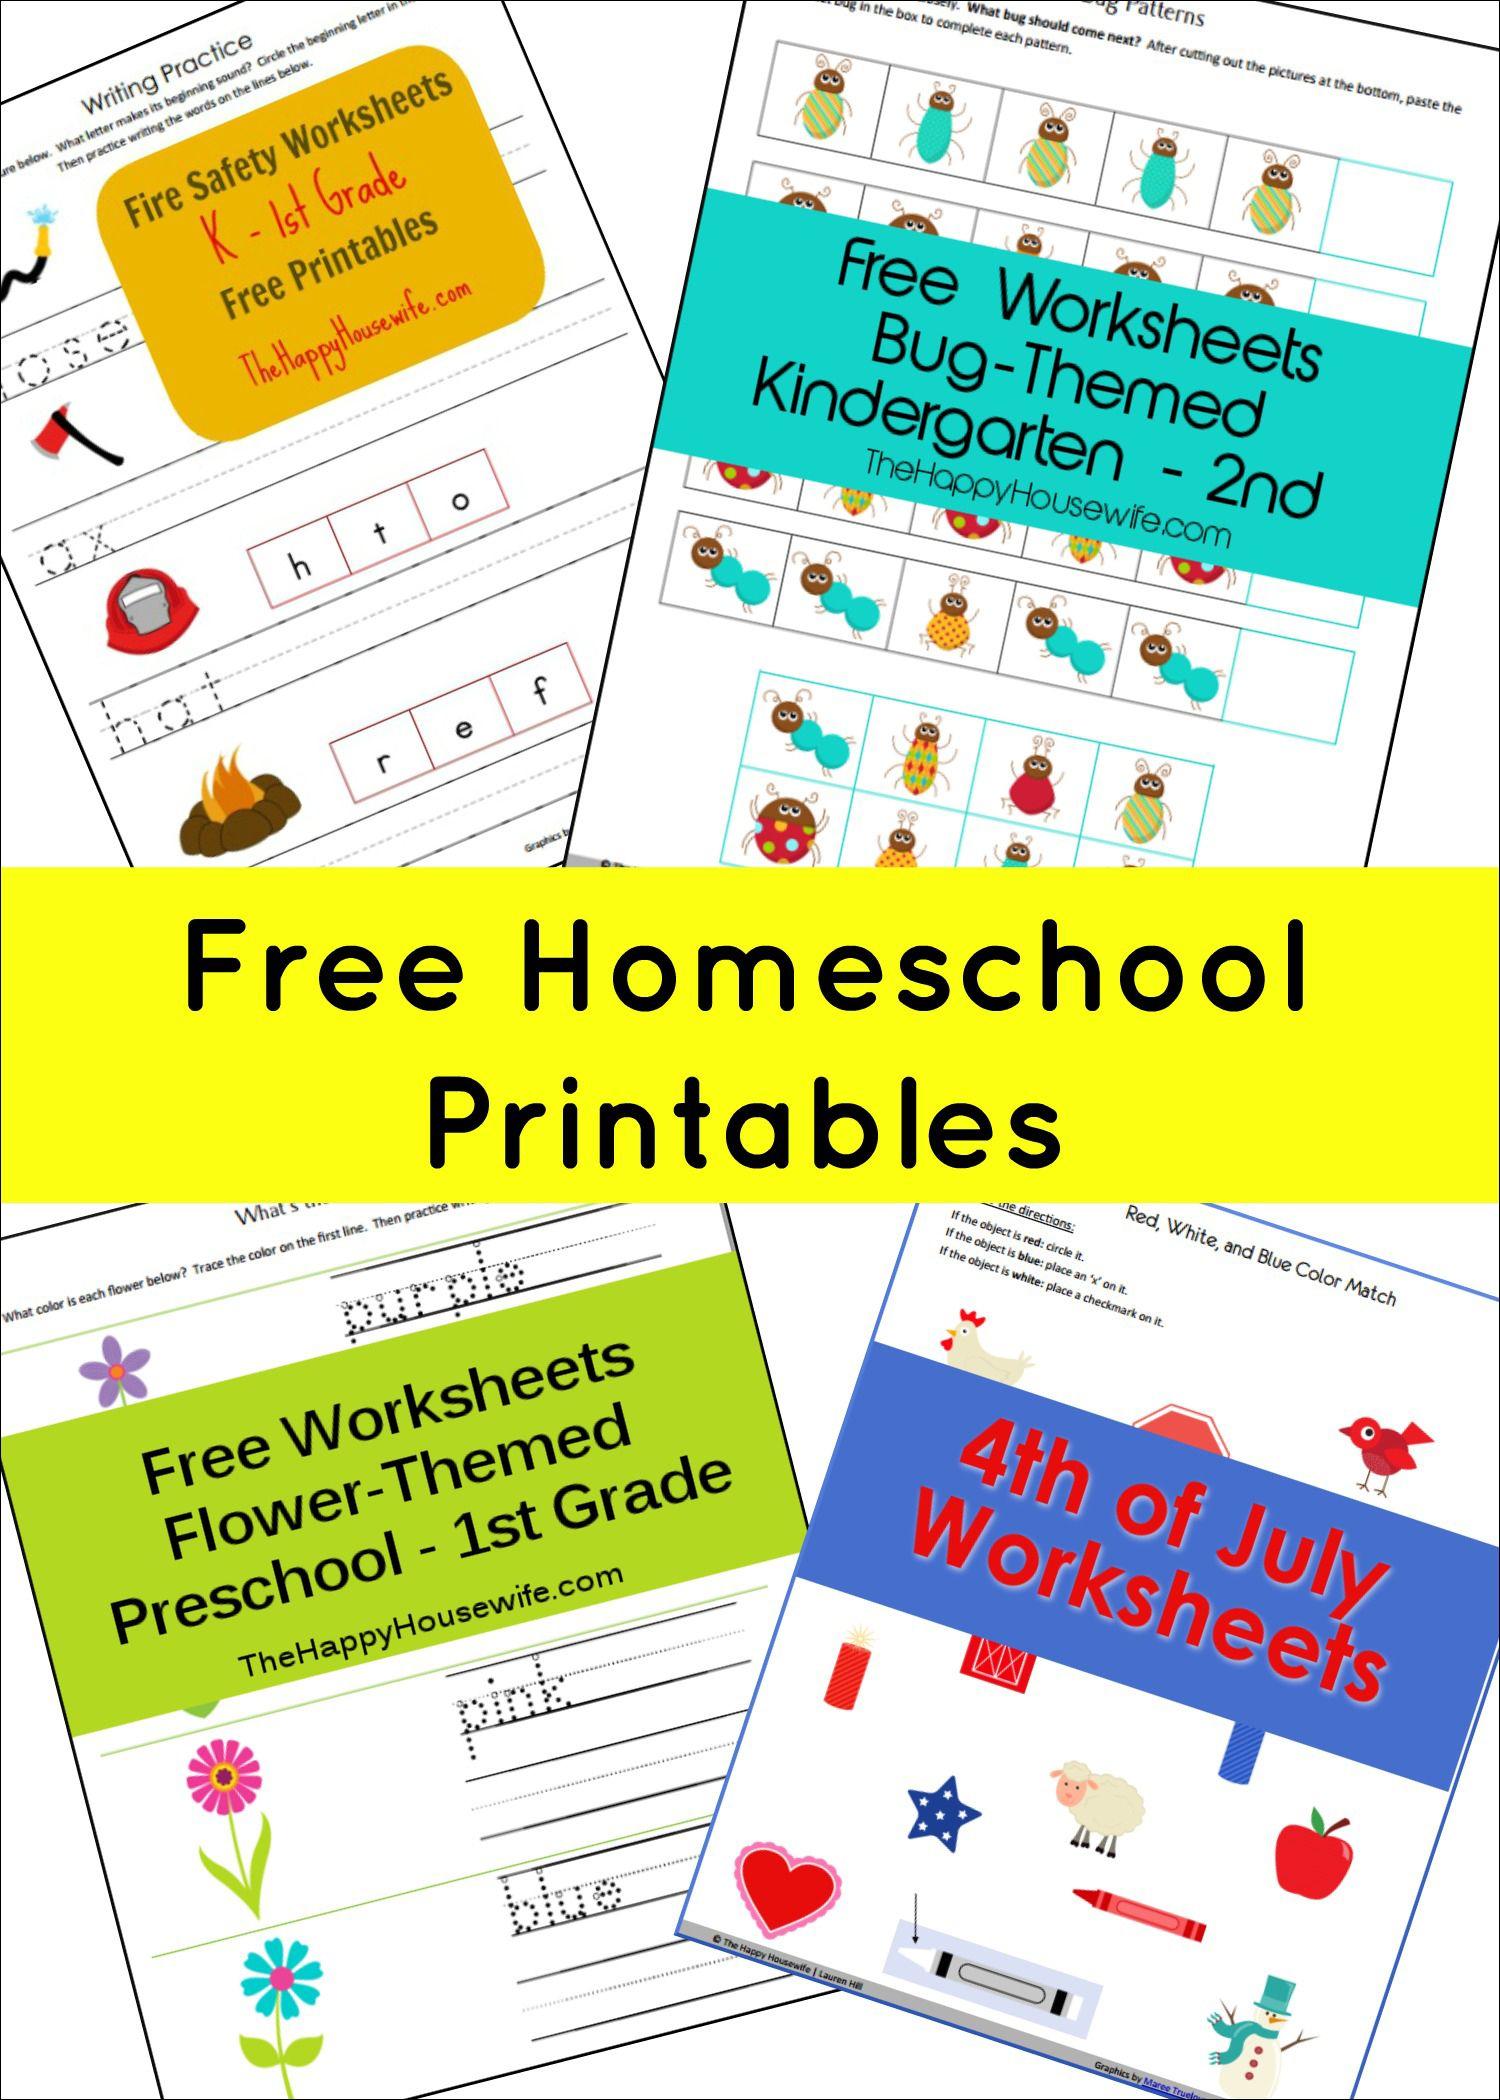 Free Printable Worksheets | Free Printables | Homeschool, Homeschool - Free Homeschool Printable Worksheets